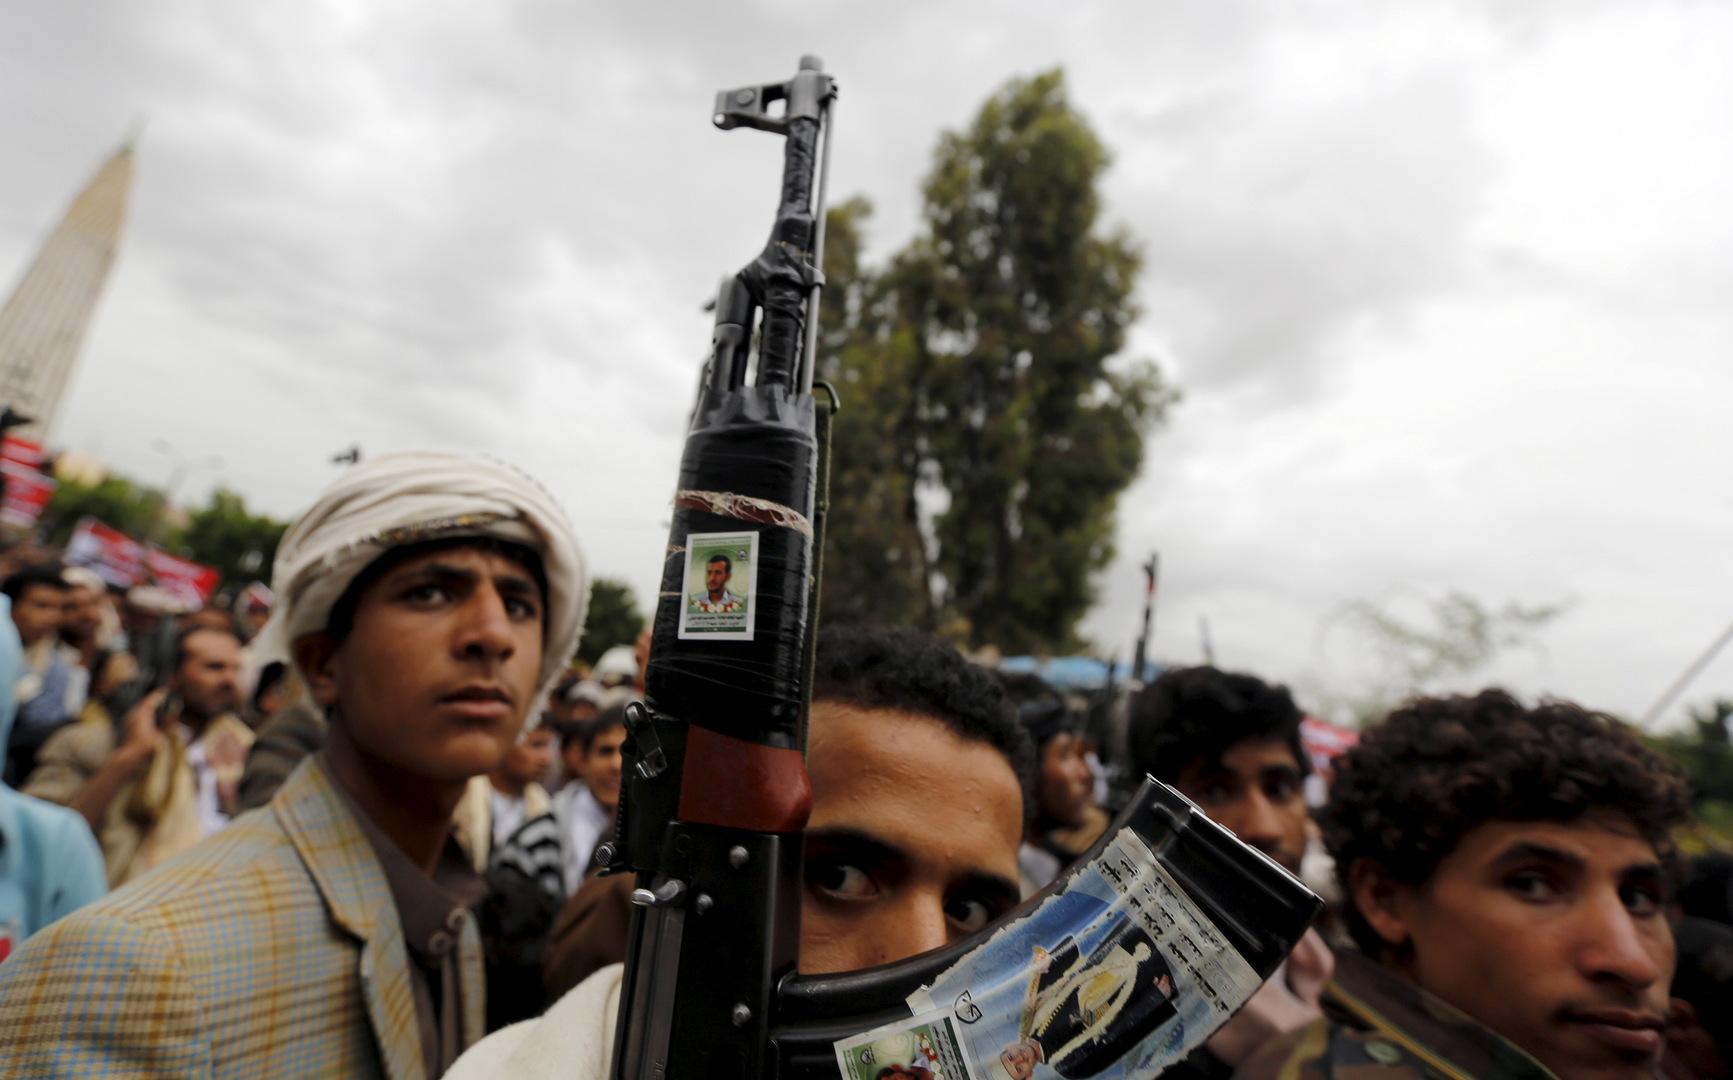 الحوثيون يعلنون السيطرة على مواقع في محور جيزان ومقتل عدد من جنود التحالف